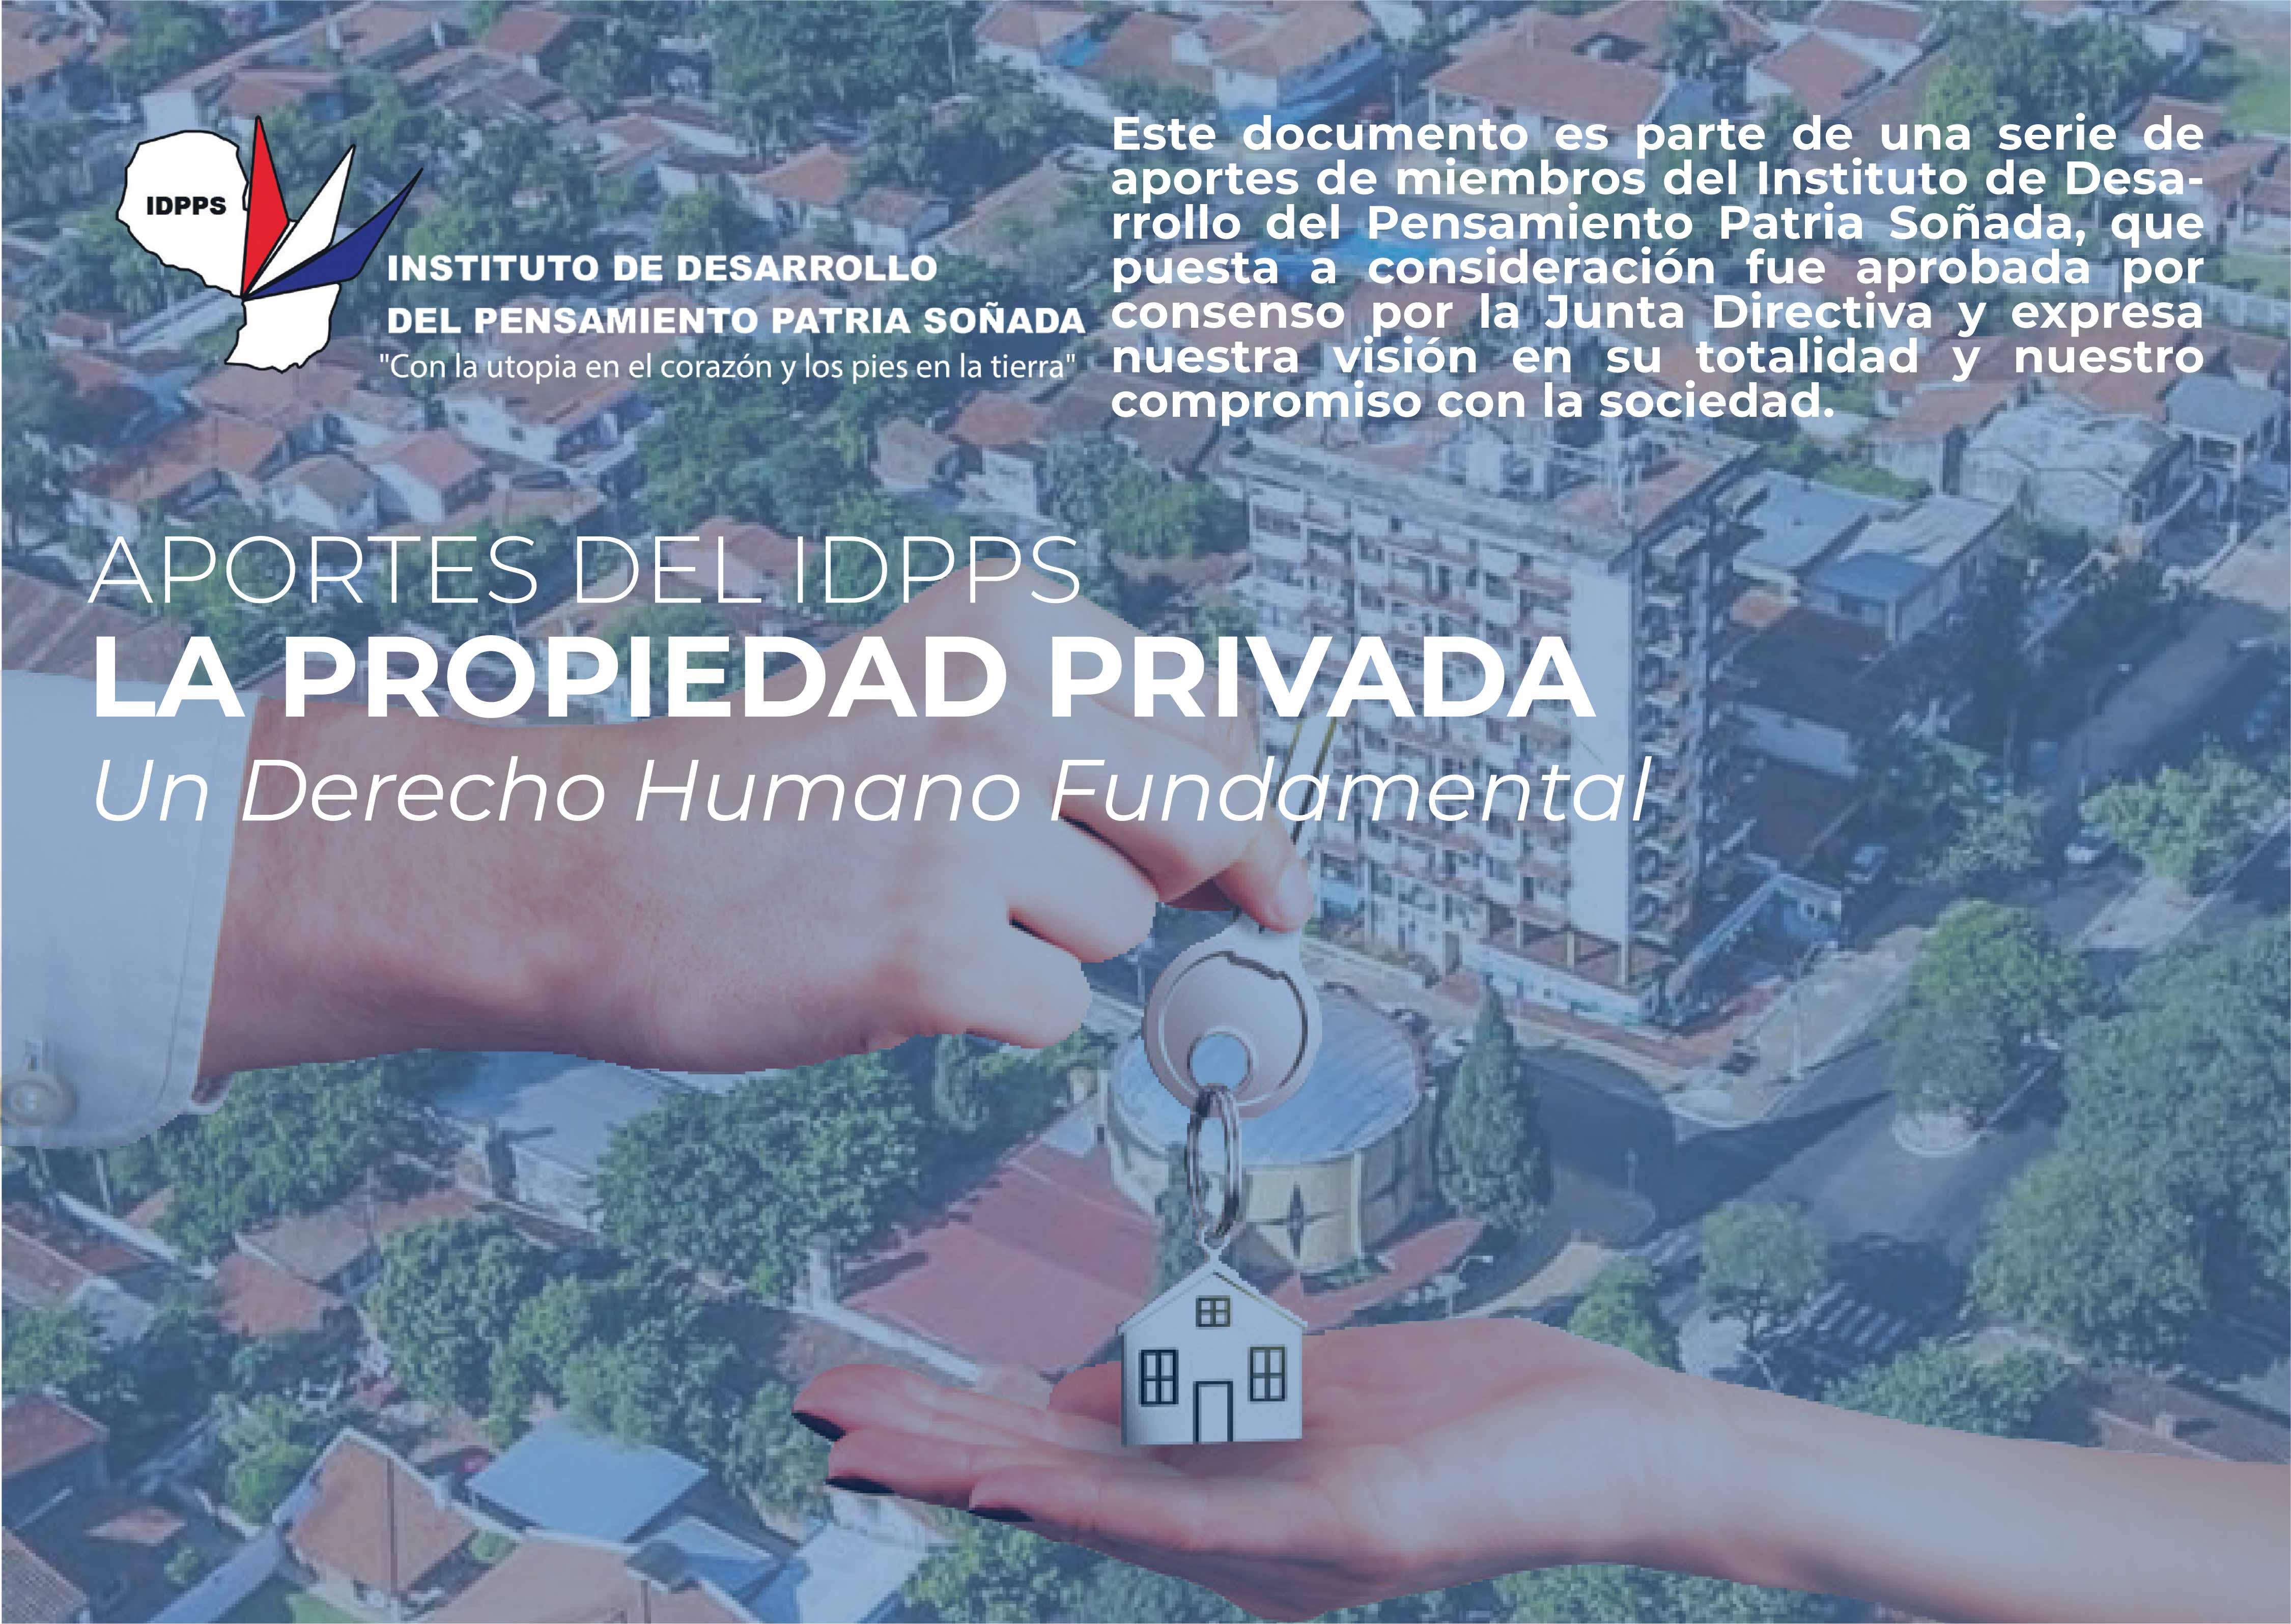 La Propiedad Privada. Un derecho humano fundamental.